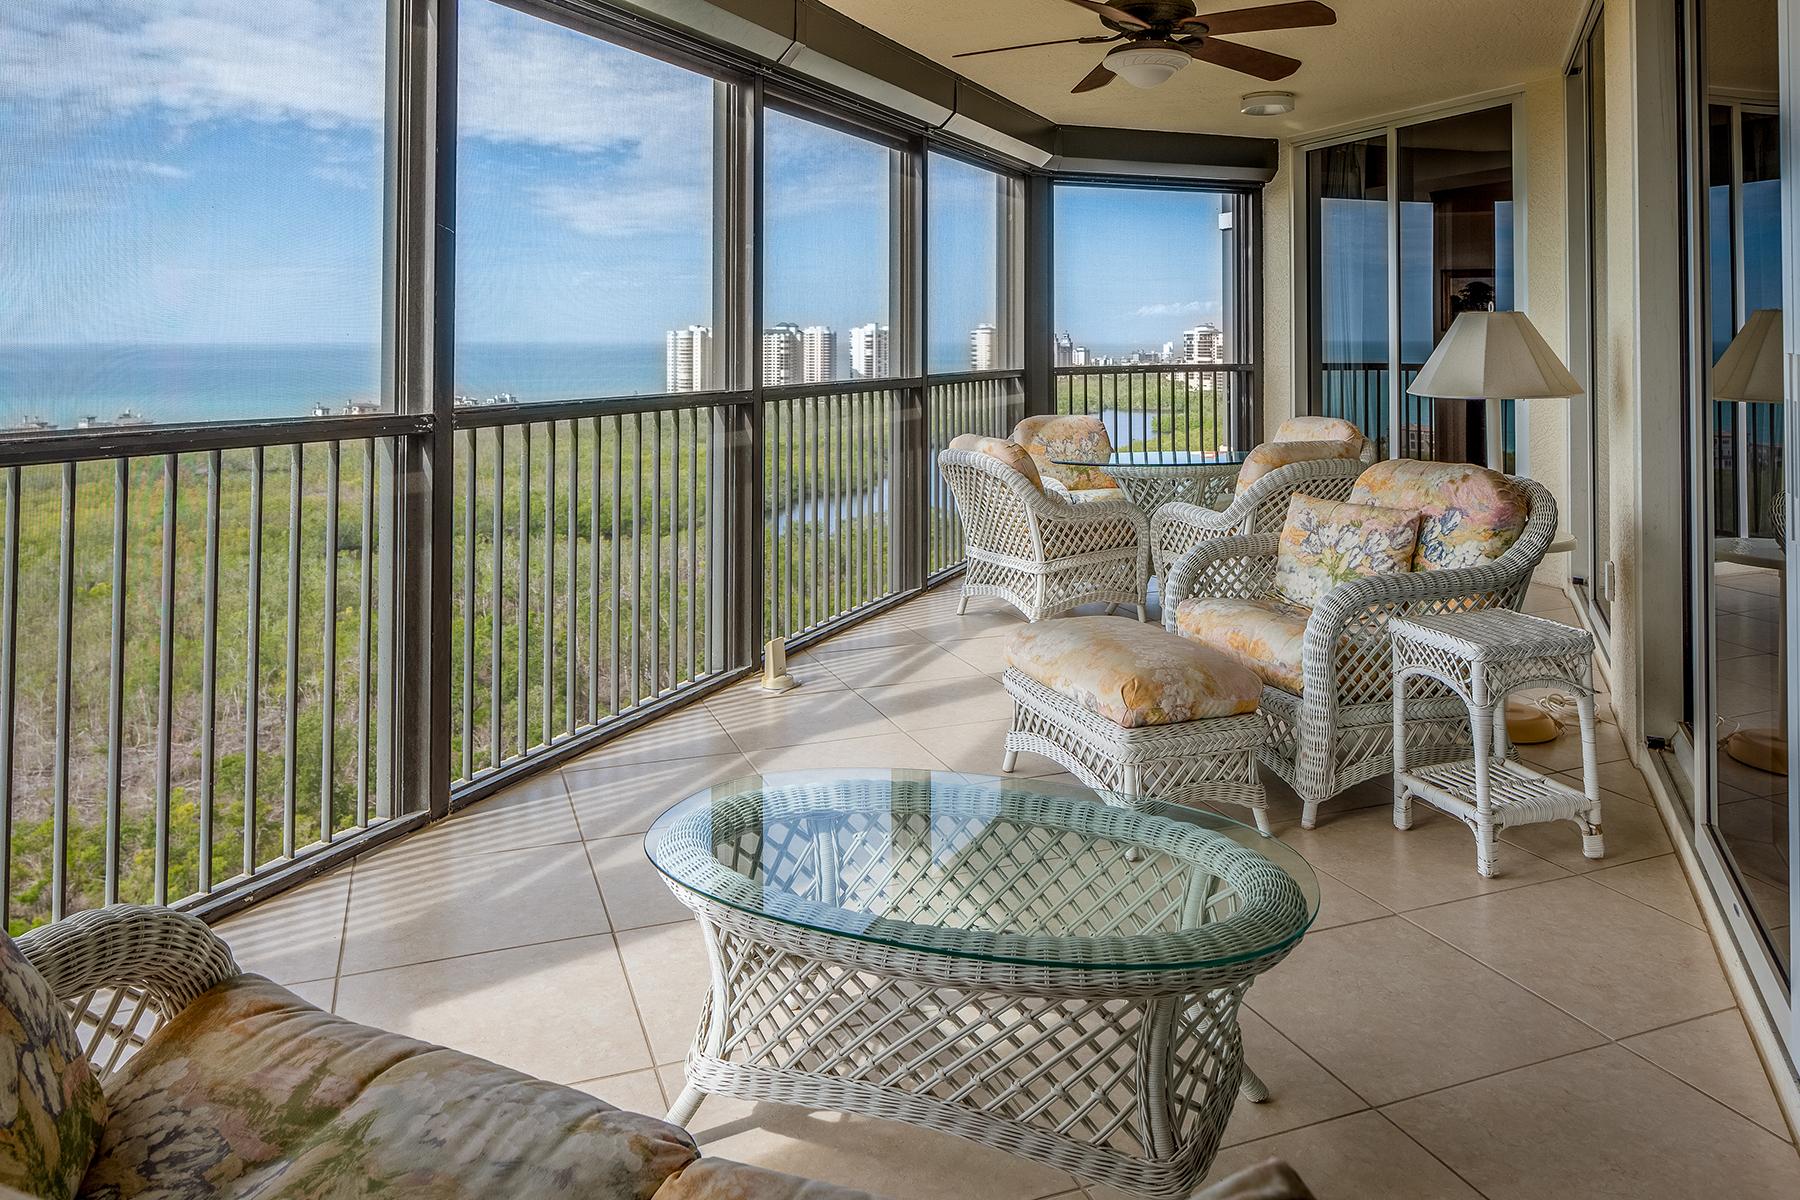 شقة بعمارة للـ Sale في PELICAN BAY - MARBELLA 7425 Pelican Bay Blvd 2105, Pelican Bay, Naples, Florida, 34108 United States